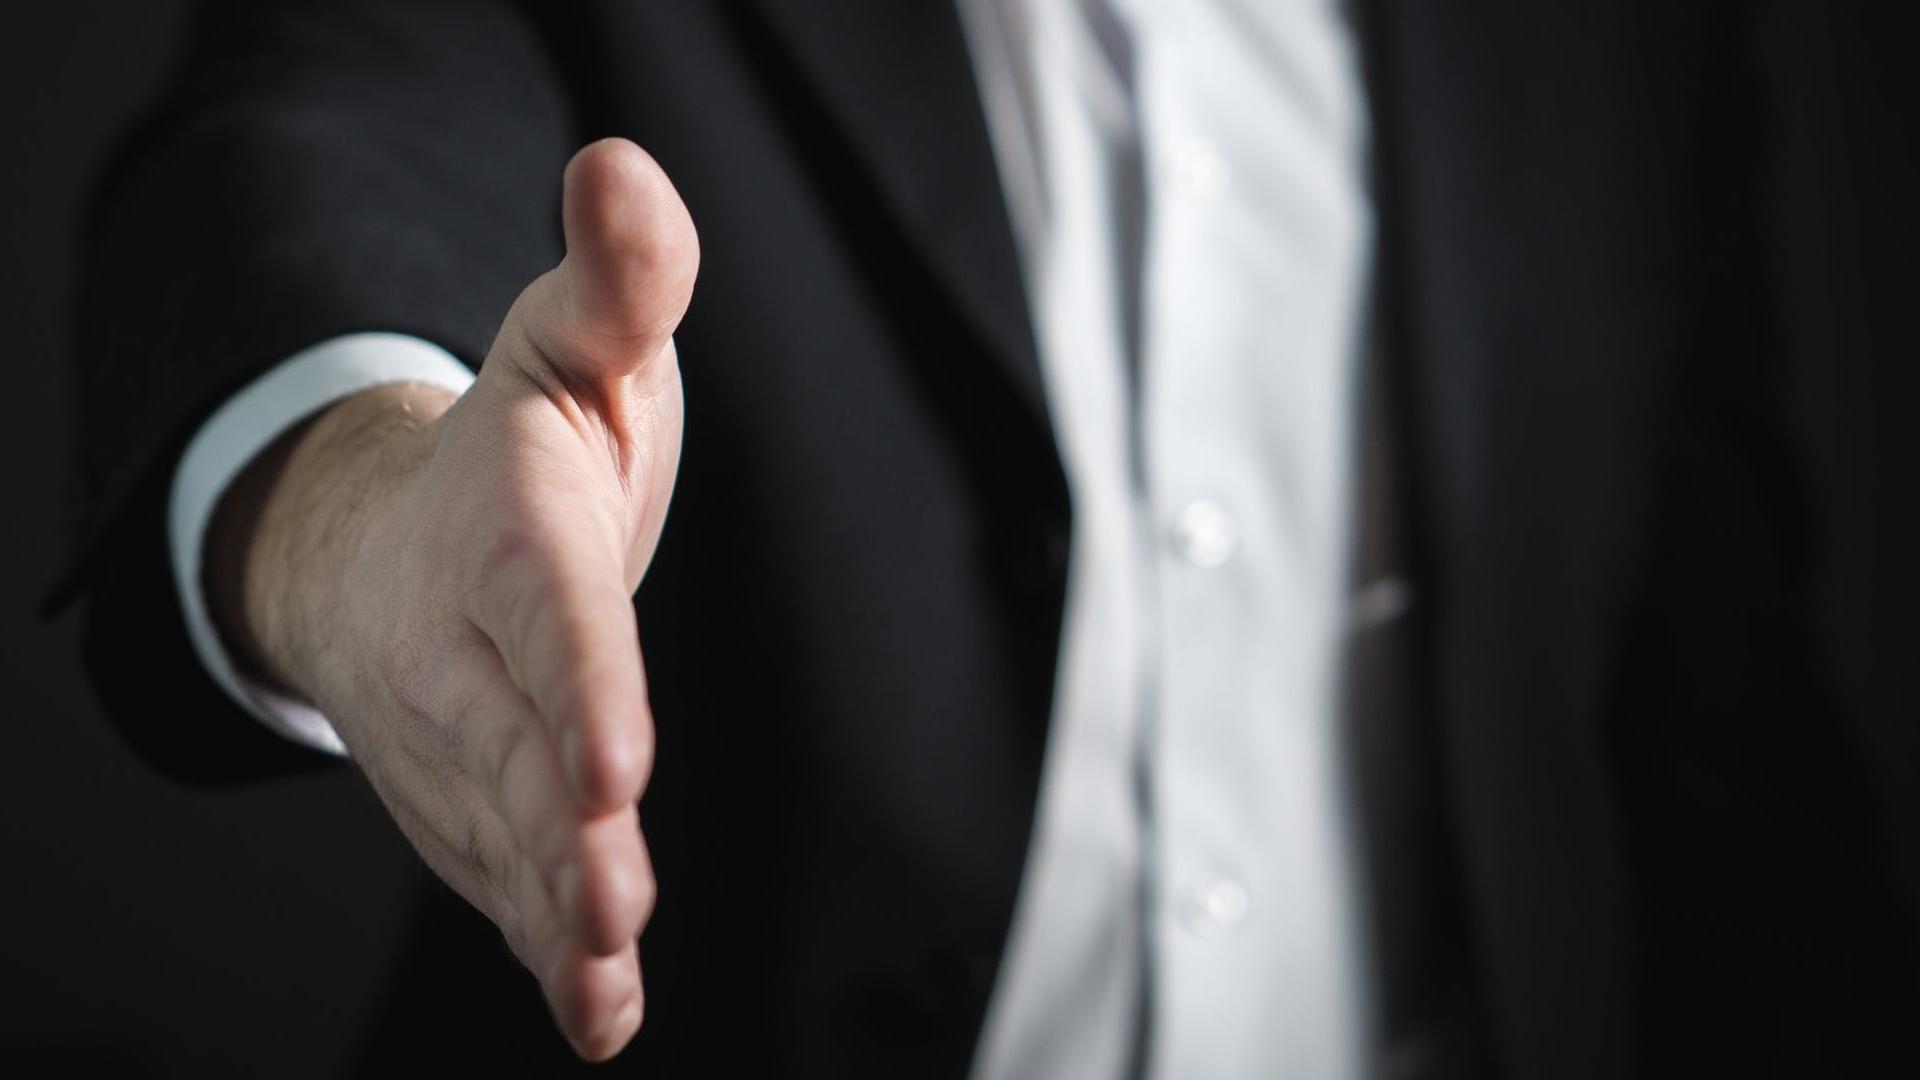 Valutare la propria efficacia nella gestione dei processi di promozione e vendita